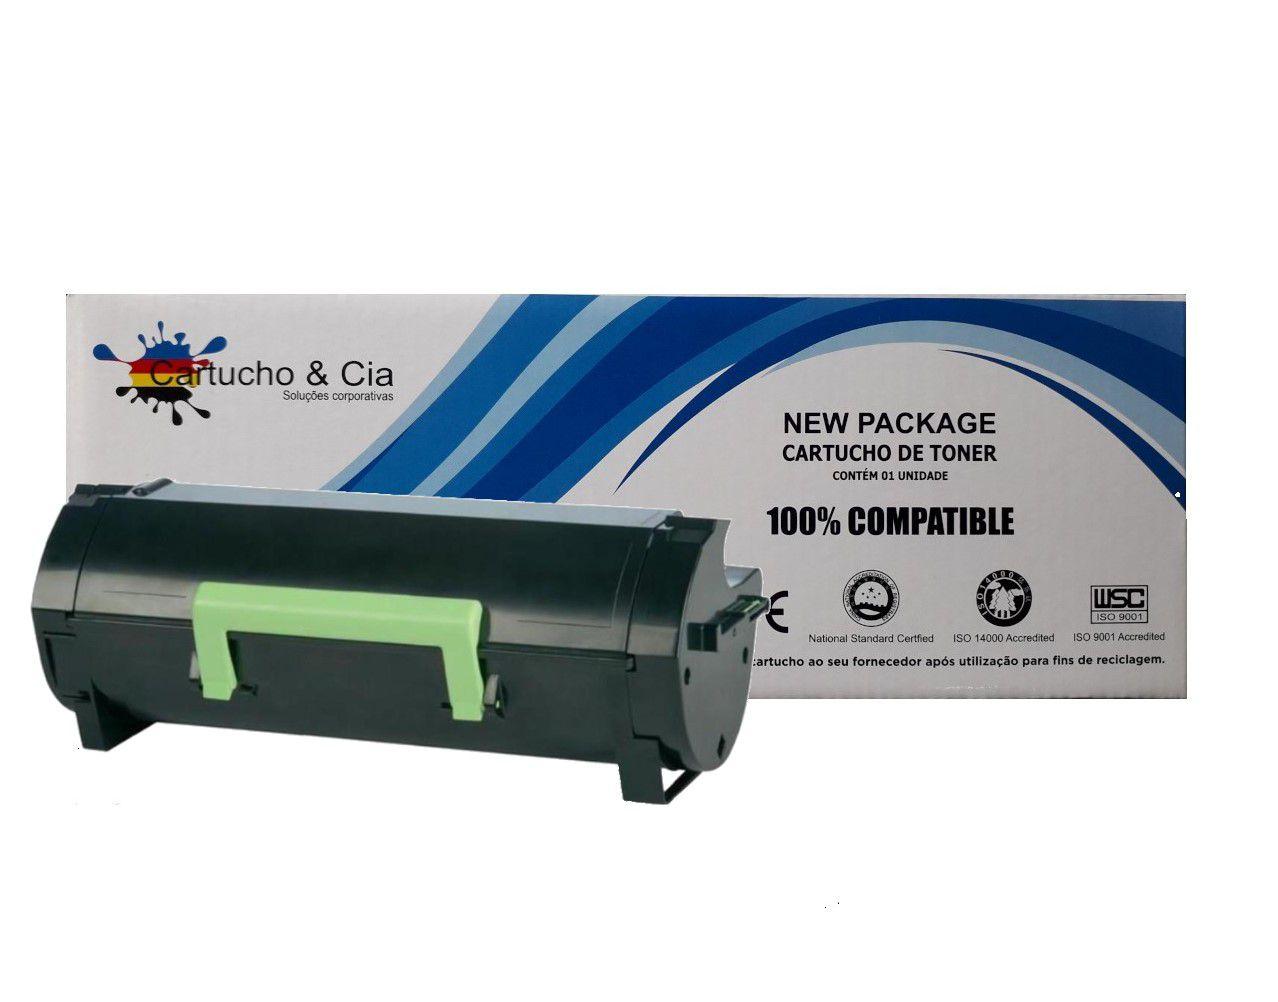 Toner compatível com Lexmark [24F0009] MS317/MS417/MS517/MS617 - 2.500 Páginas - Cartucho & Cia